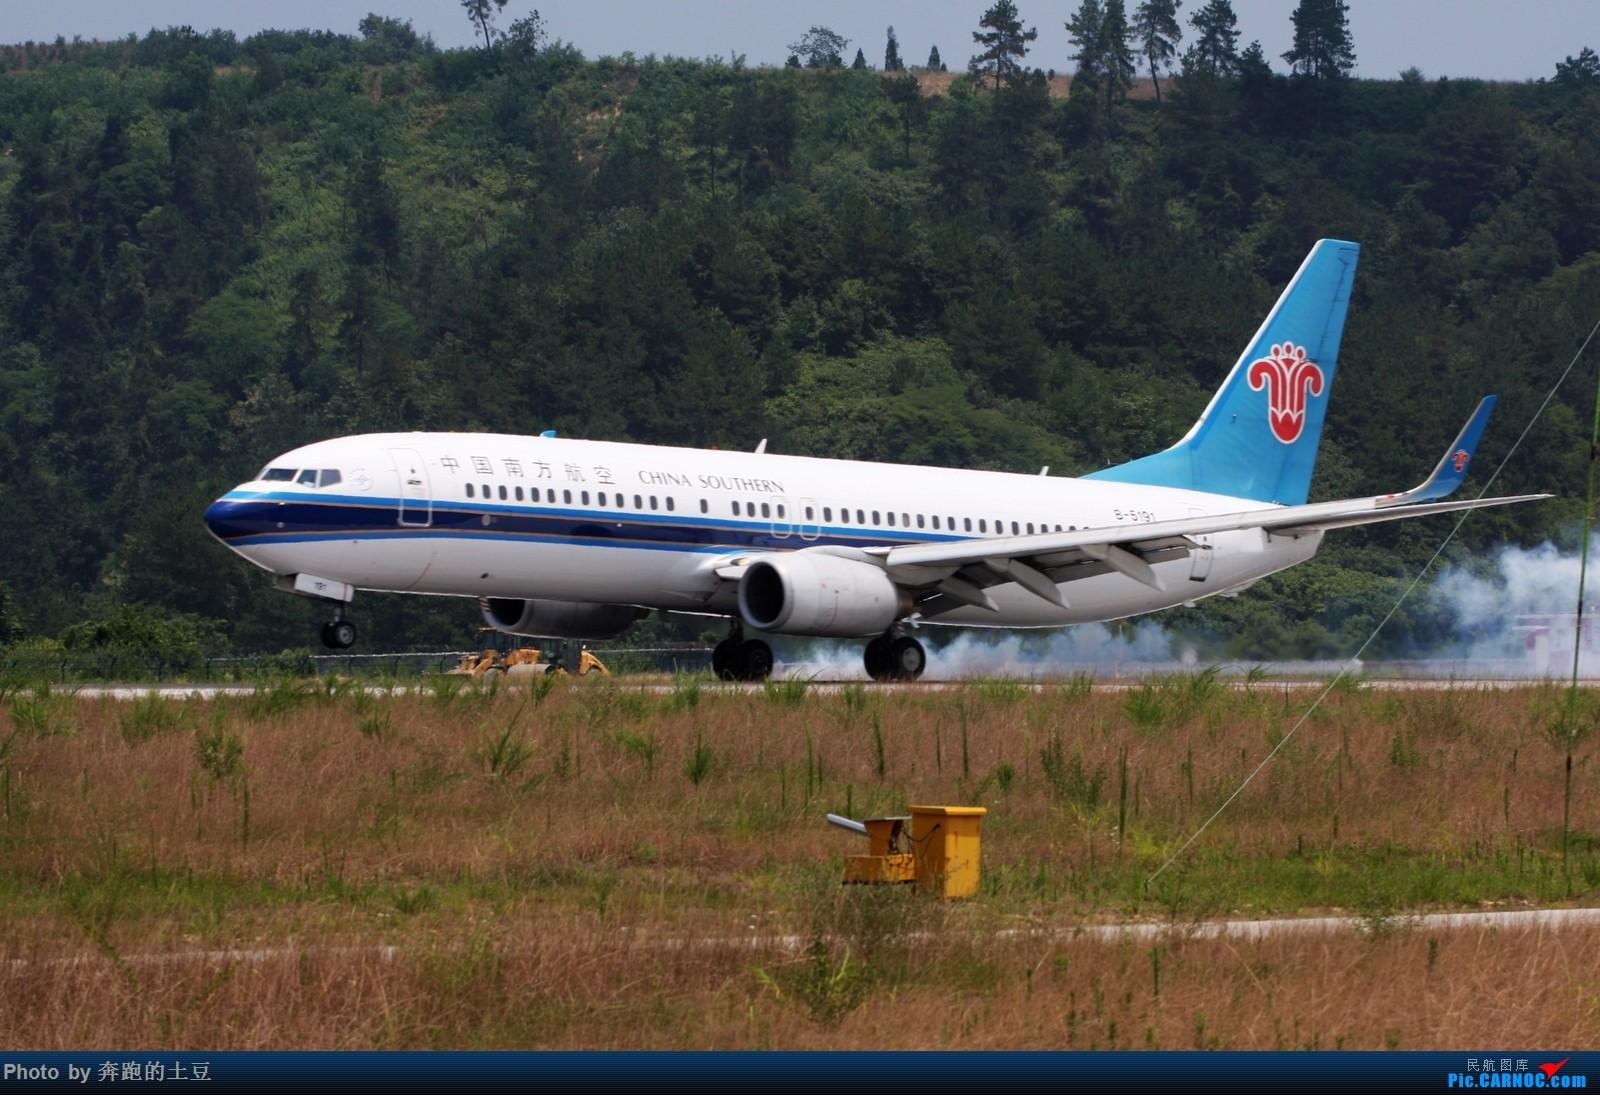 [原创]十堰武当山机场小试牛刀 BOEING 737-800 B-5191 中国十堰武当山机场